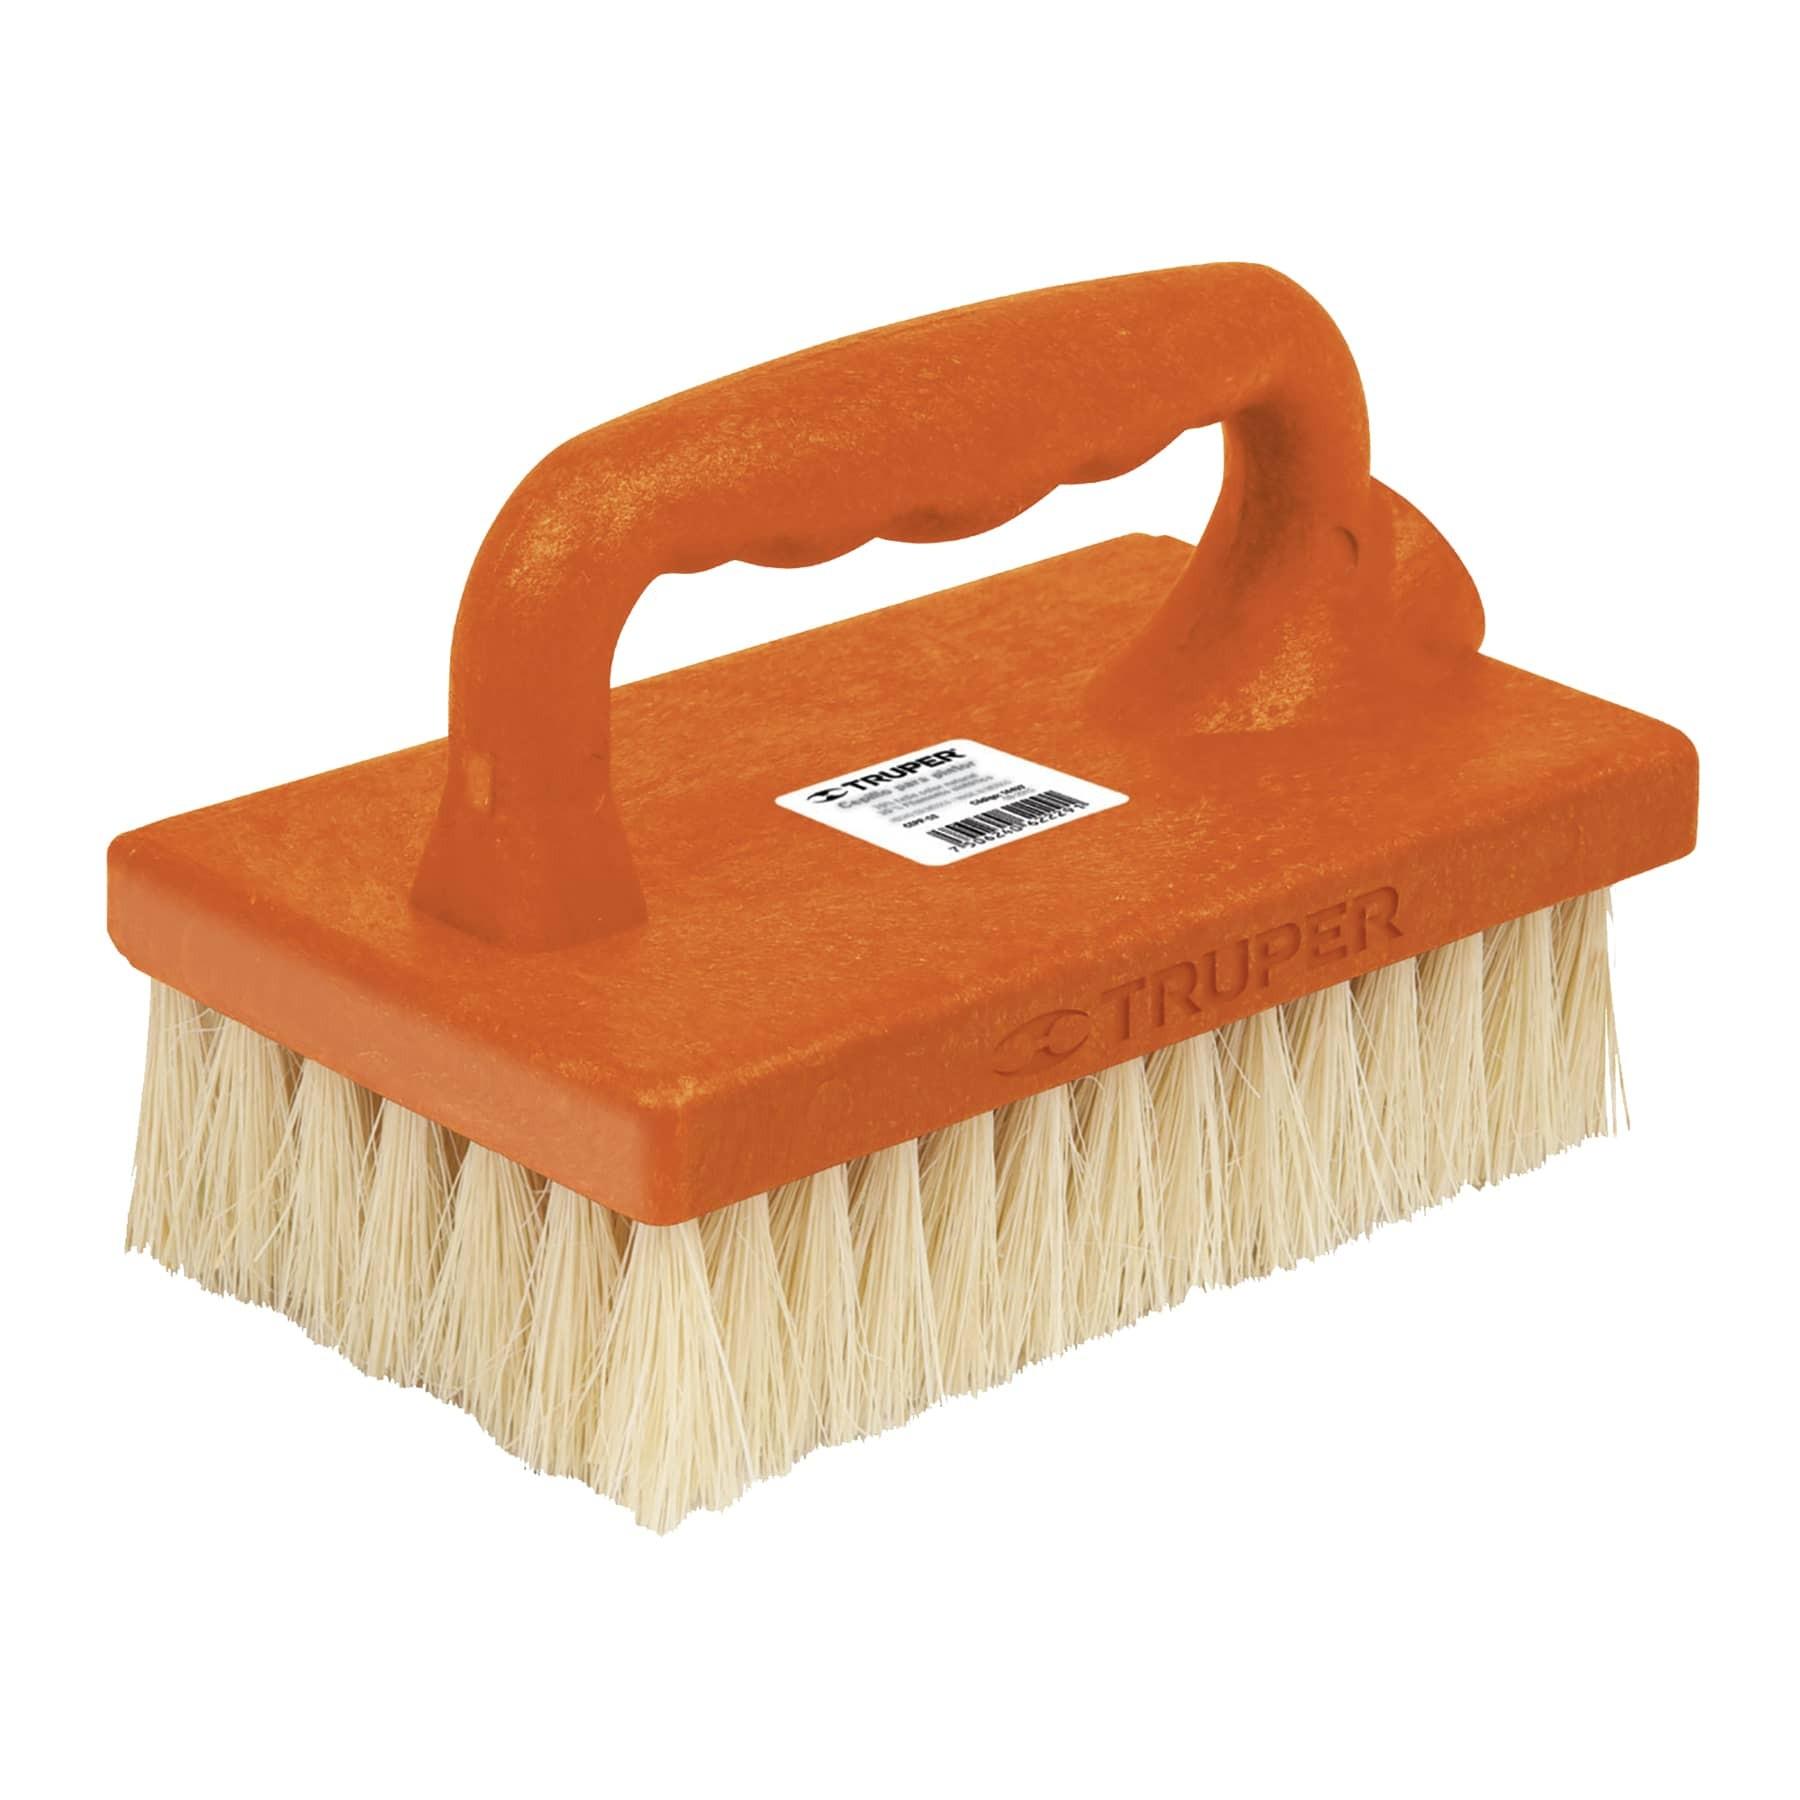 Cepillo para pintor, semi-rígido, cerda ixtle